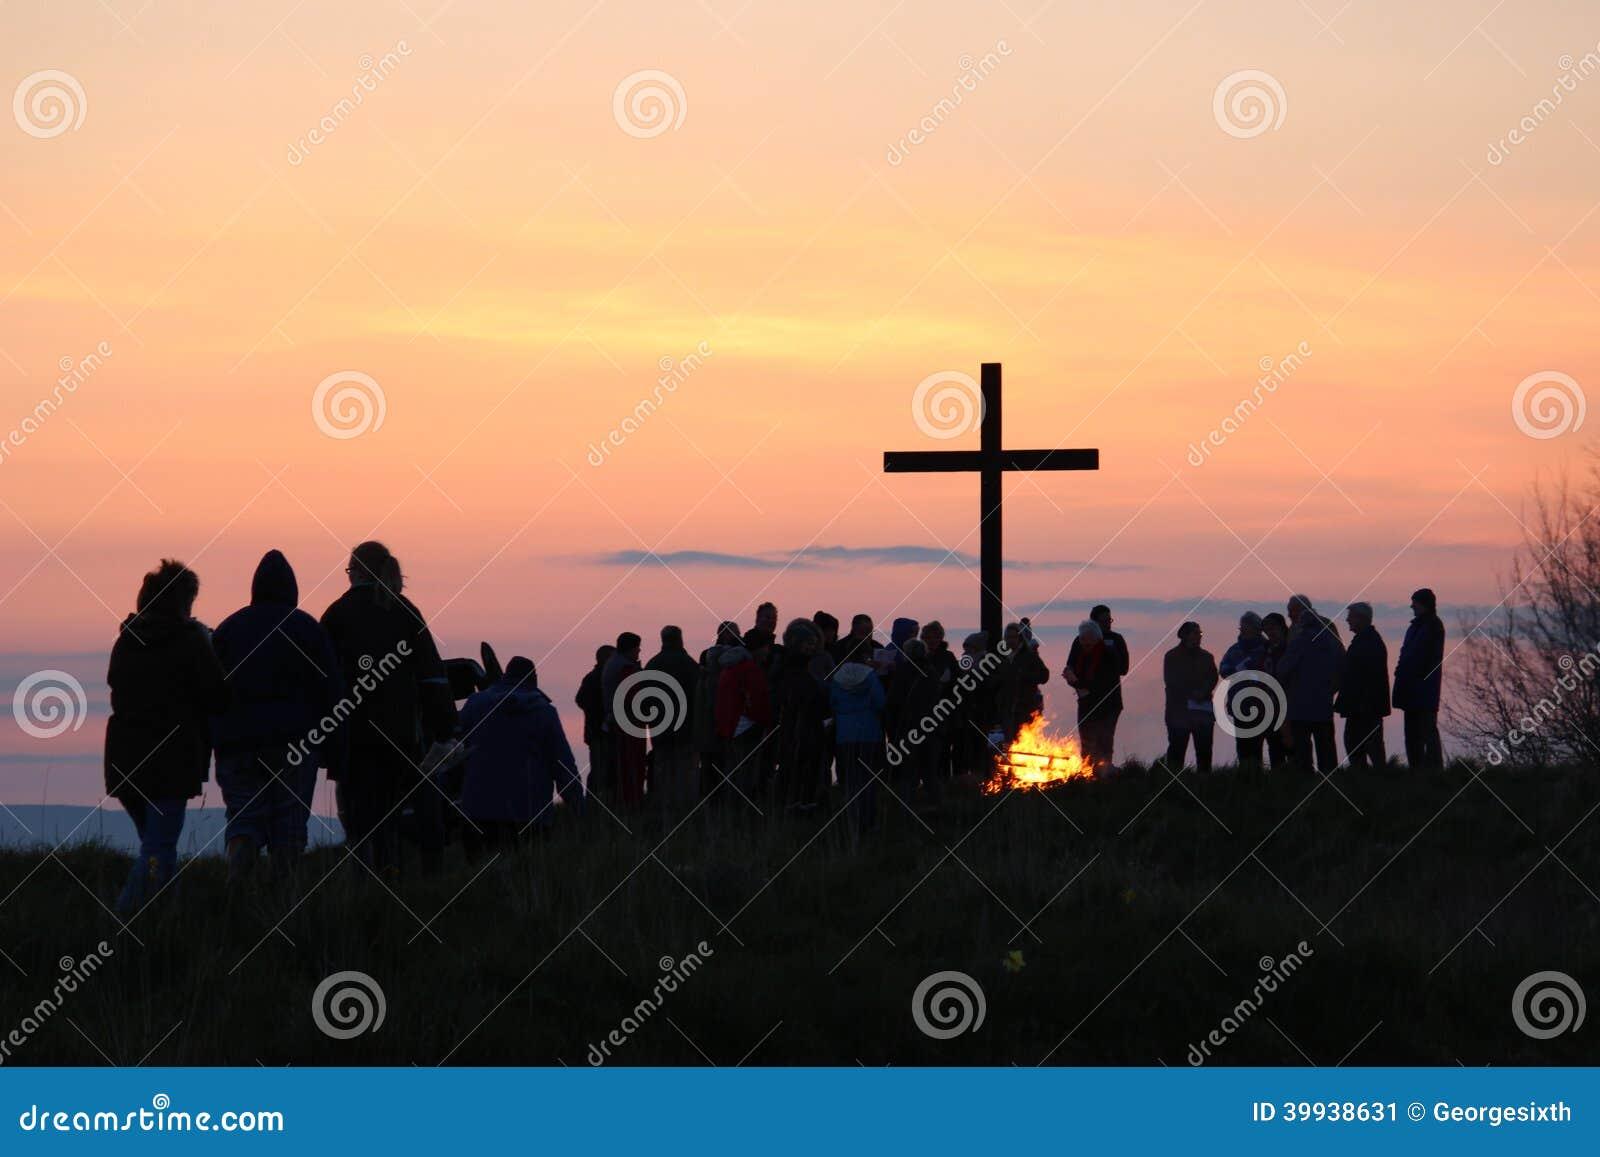 Aankomend bij het Kruis voor Dawn Communion, Pasen